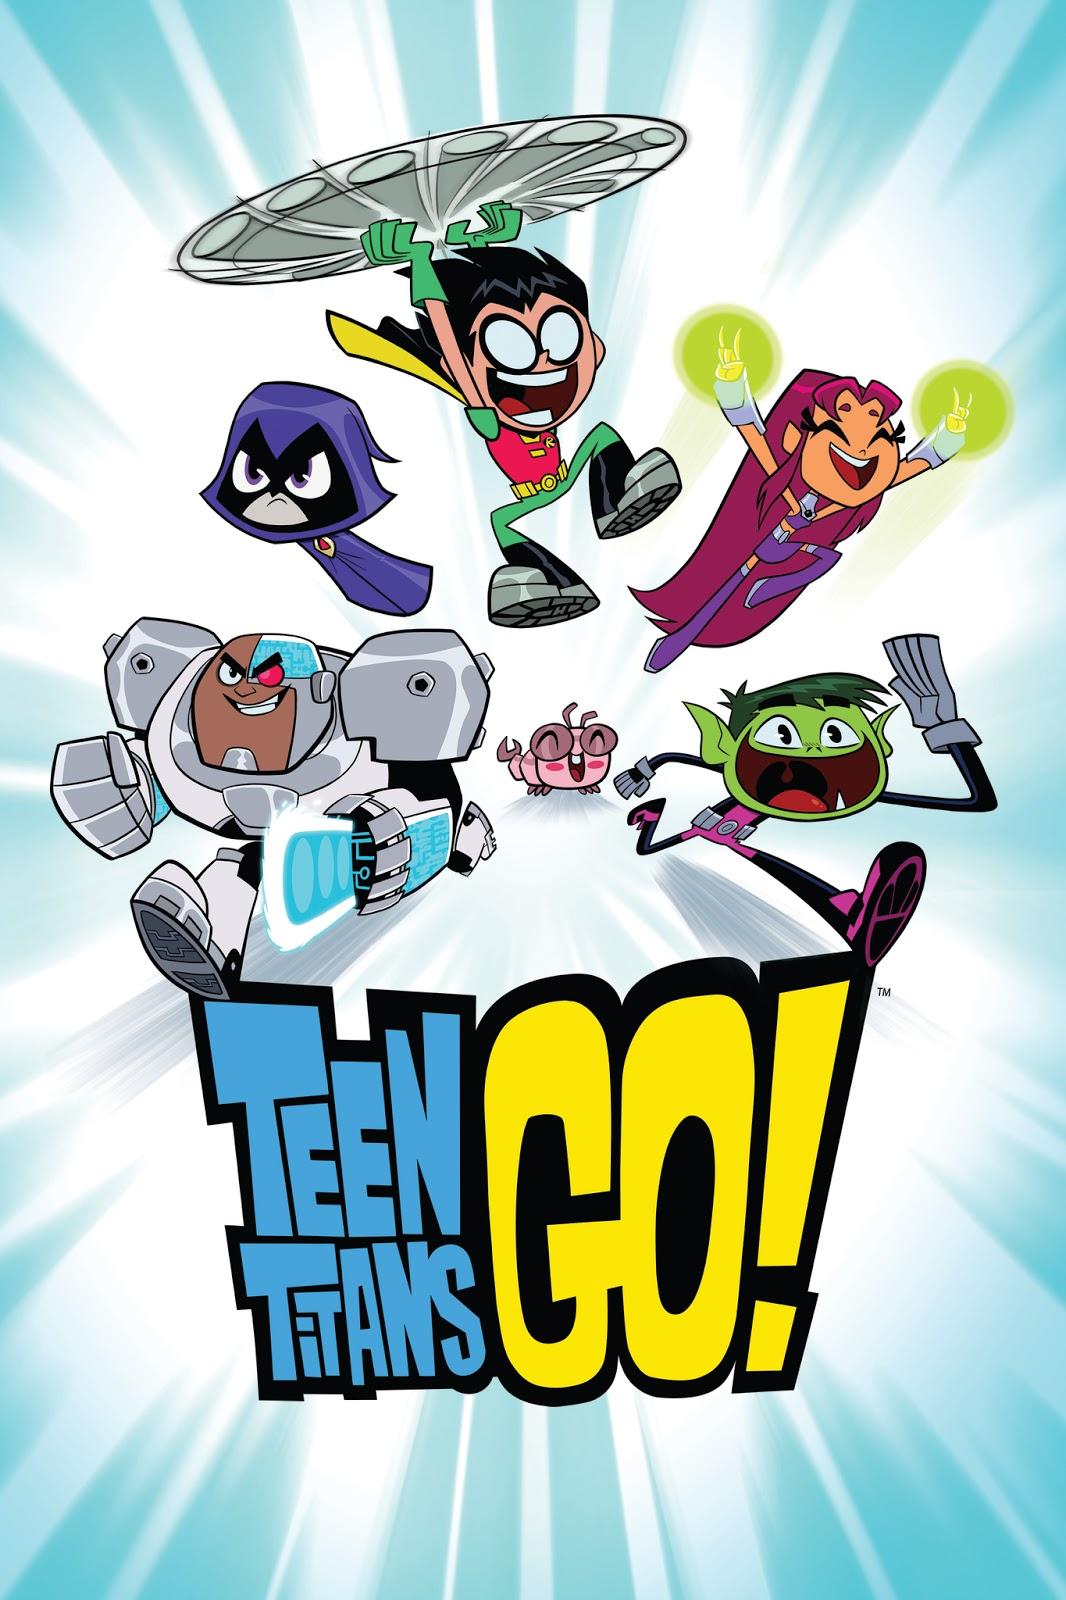 Teen Titans Go S1 E1